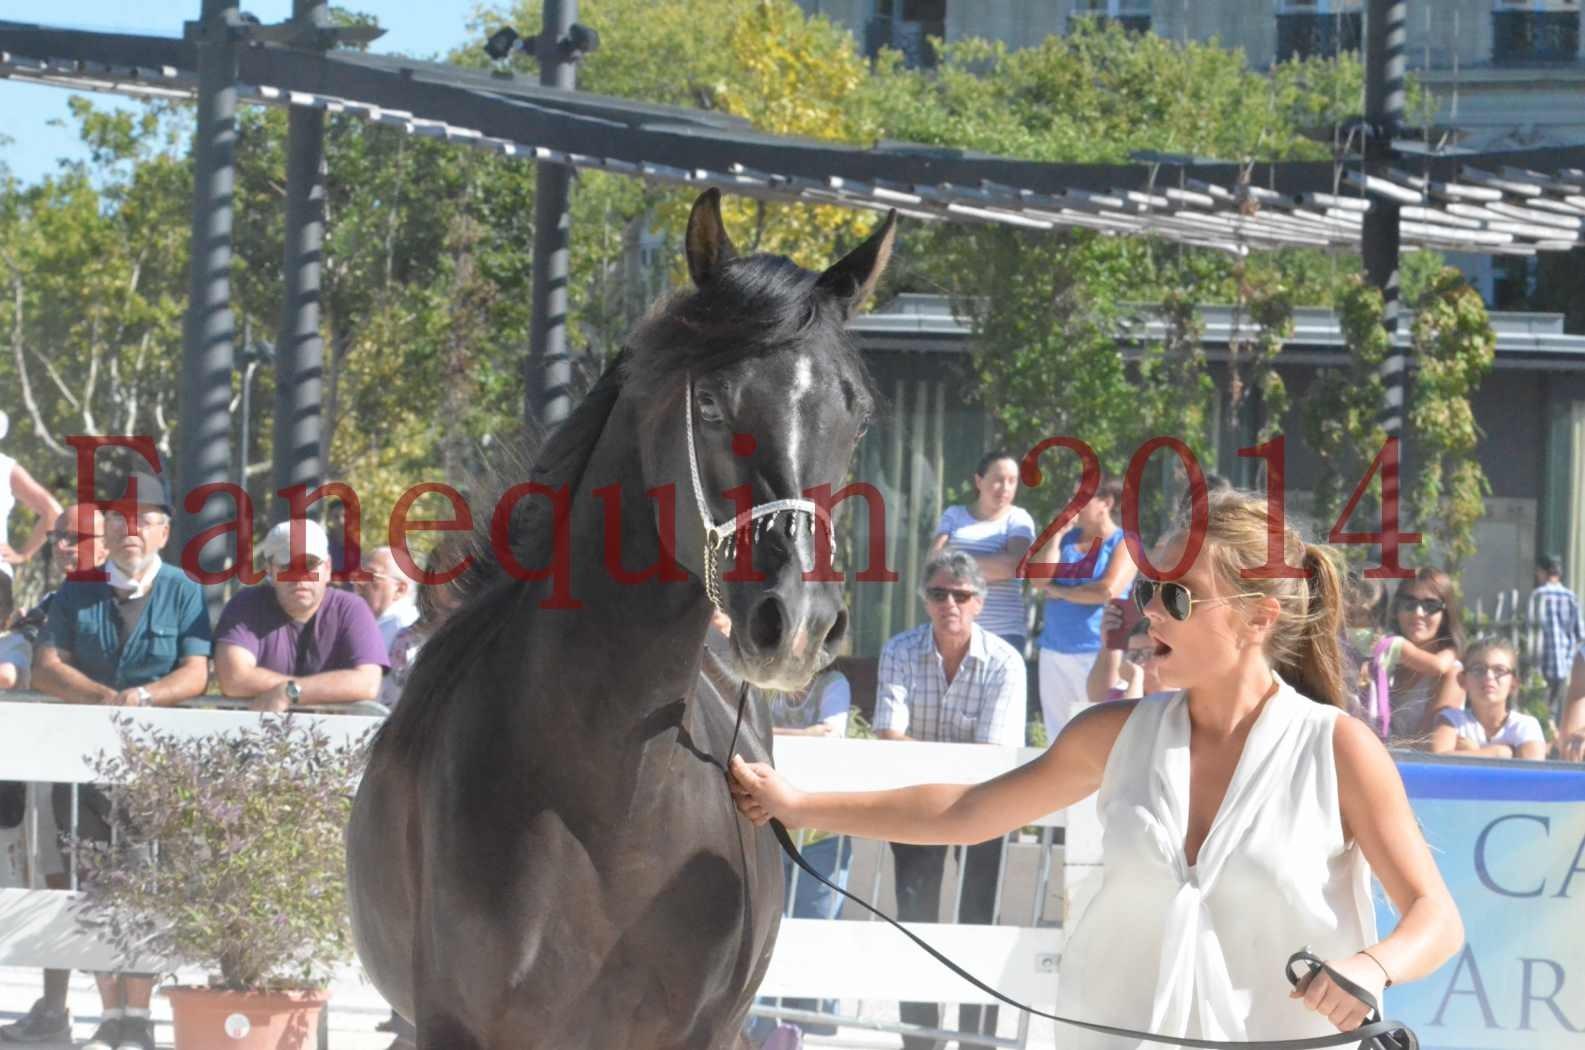 Concours National de Nîmes de chevaux ARABES 2014 - Sélection - Portraits - BALTYK DE CHAUMONT - 07